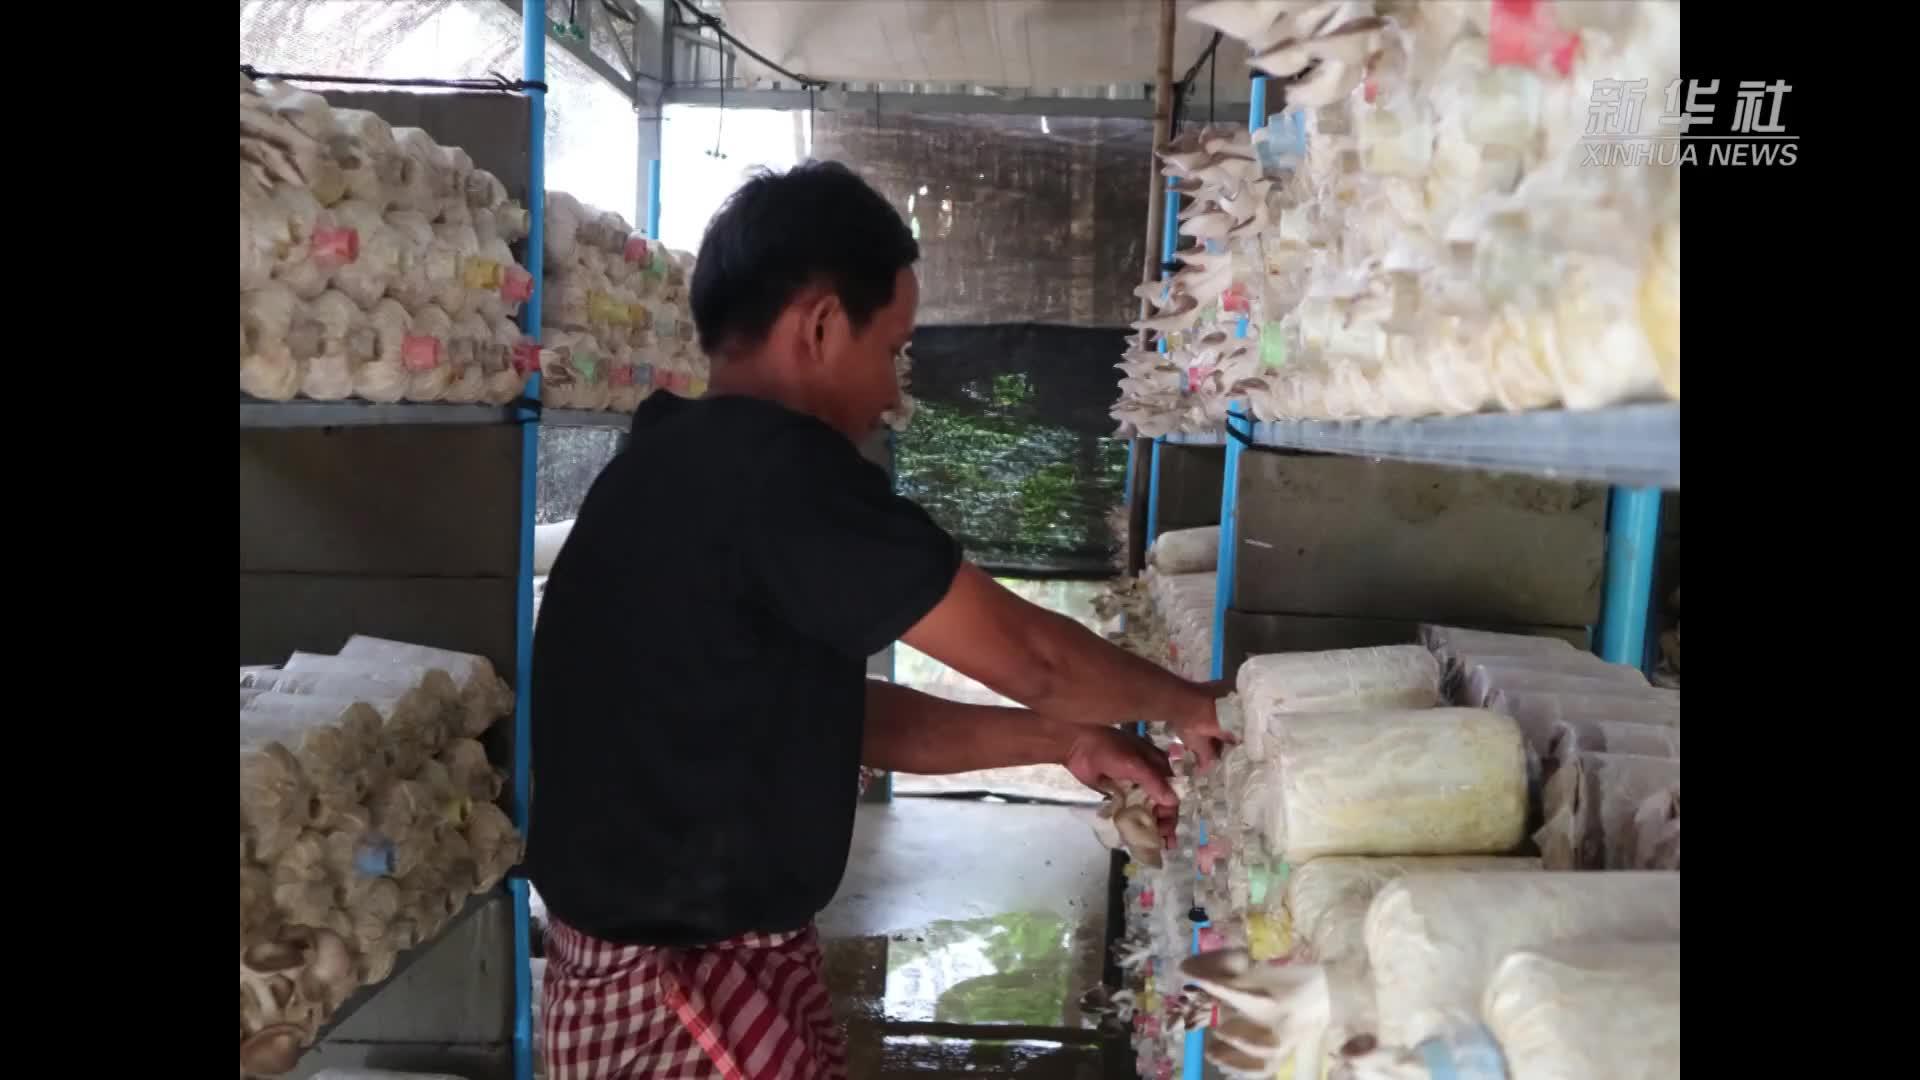 中国援柬减贫示范项目促当地农村持续发展